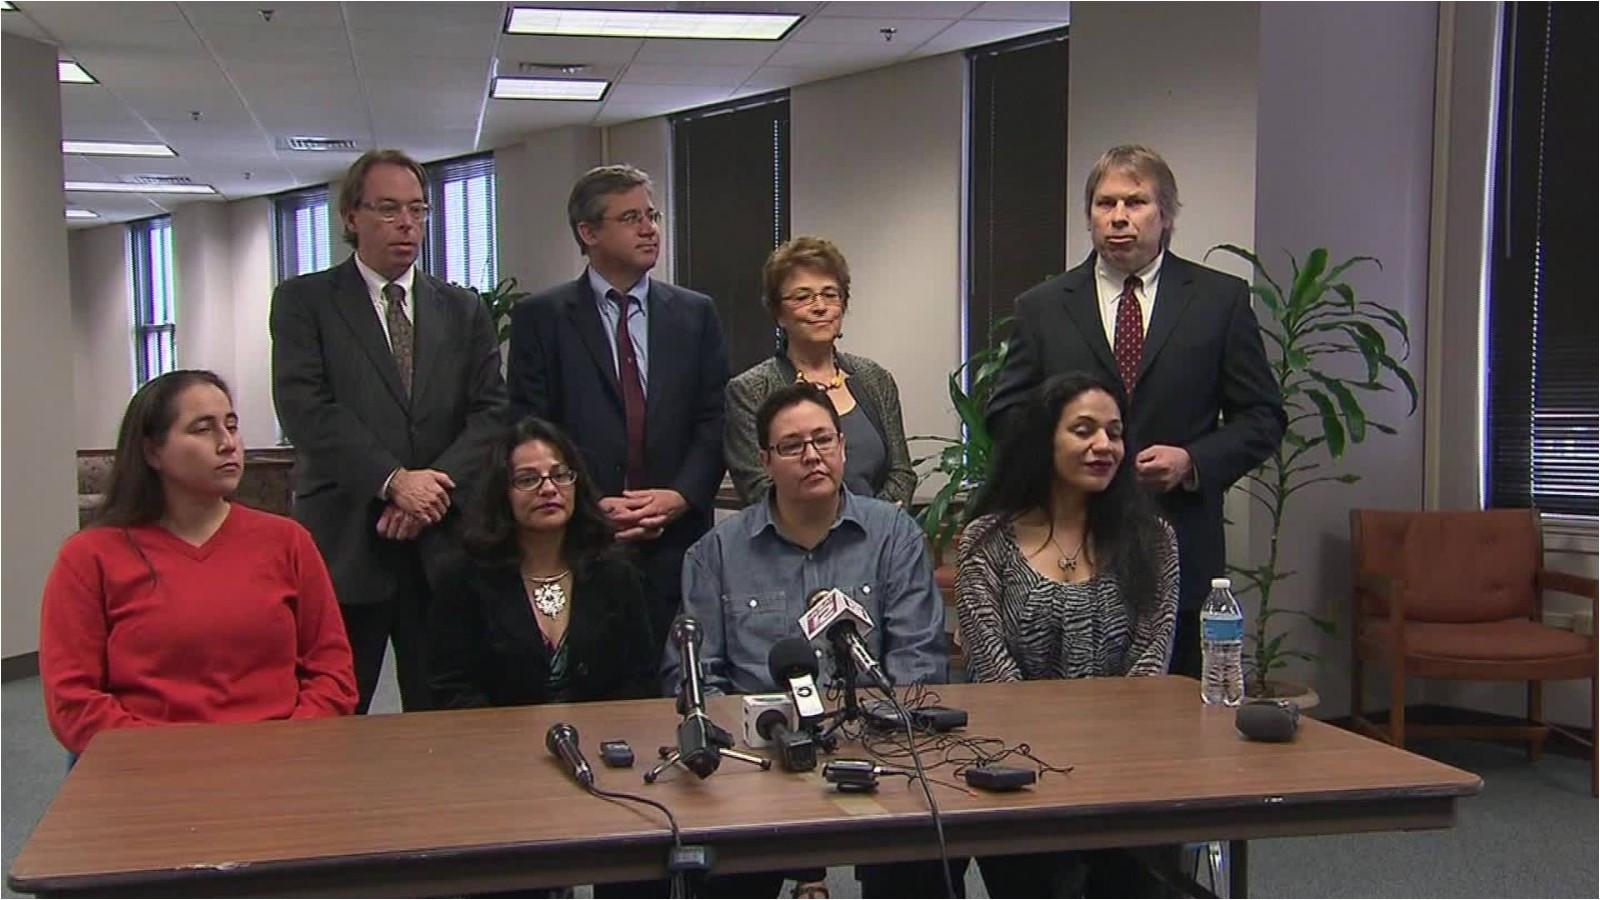 san antonio four exonerated in child rape case cnn